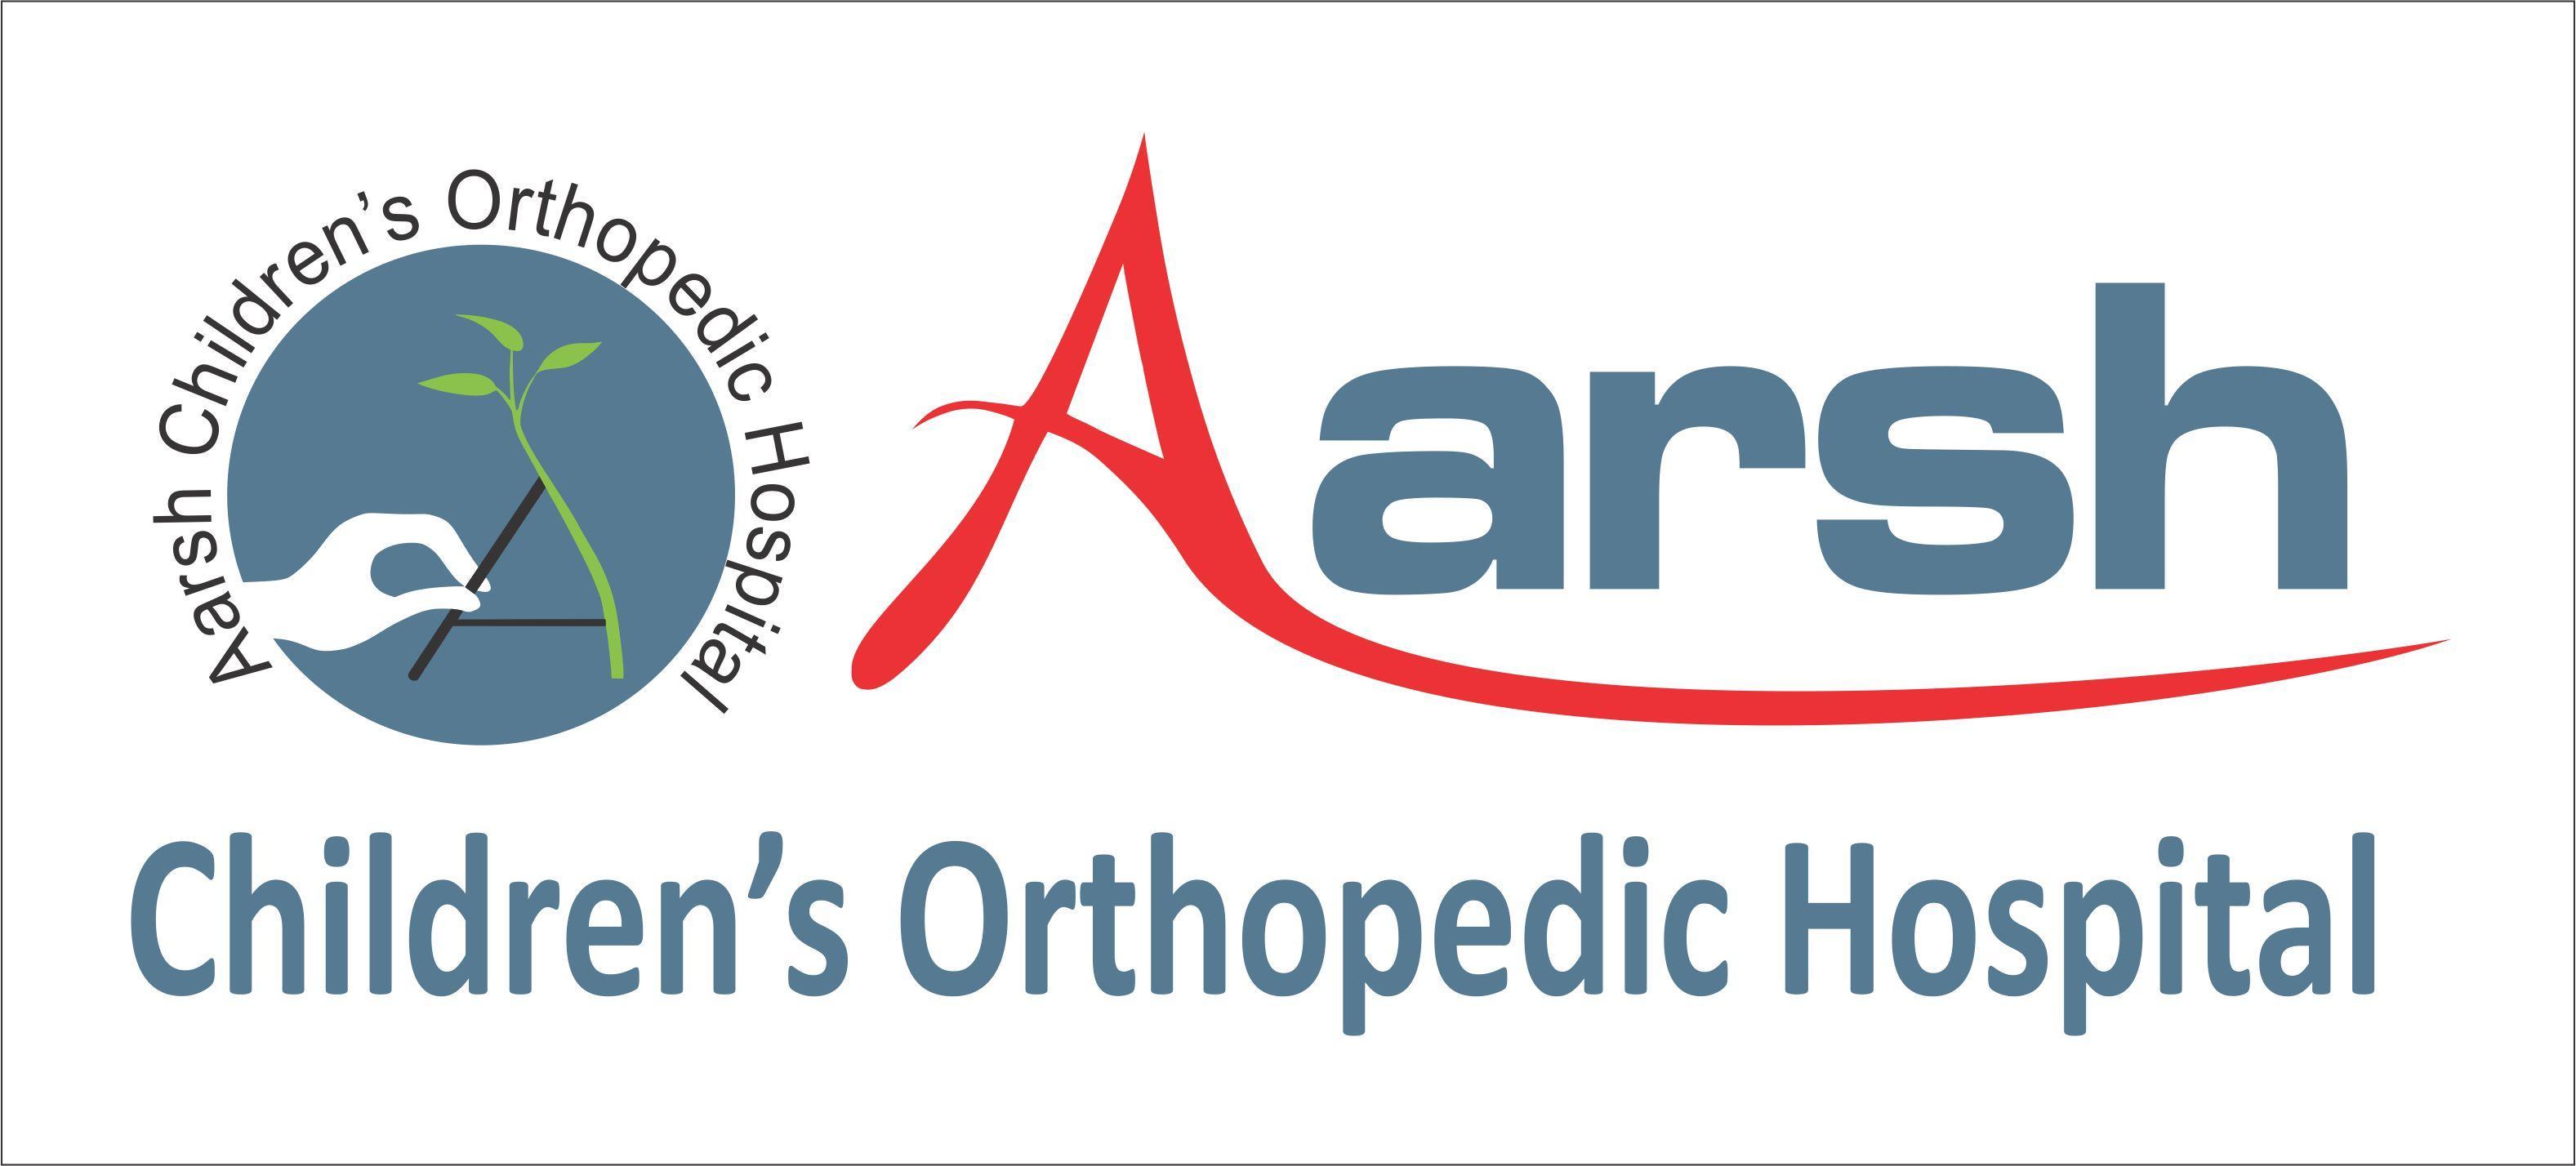 Aarsh Children's Orthopedic Hospital